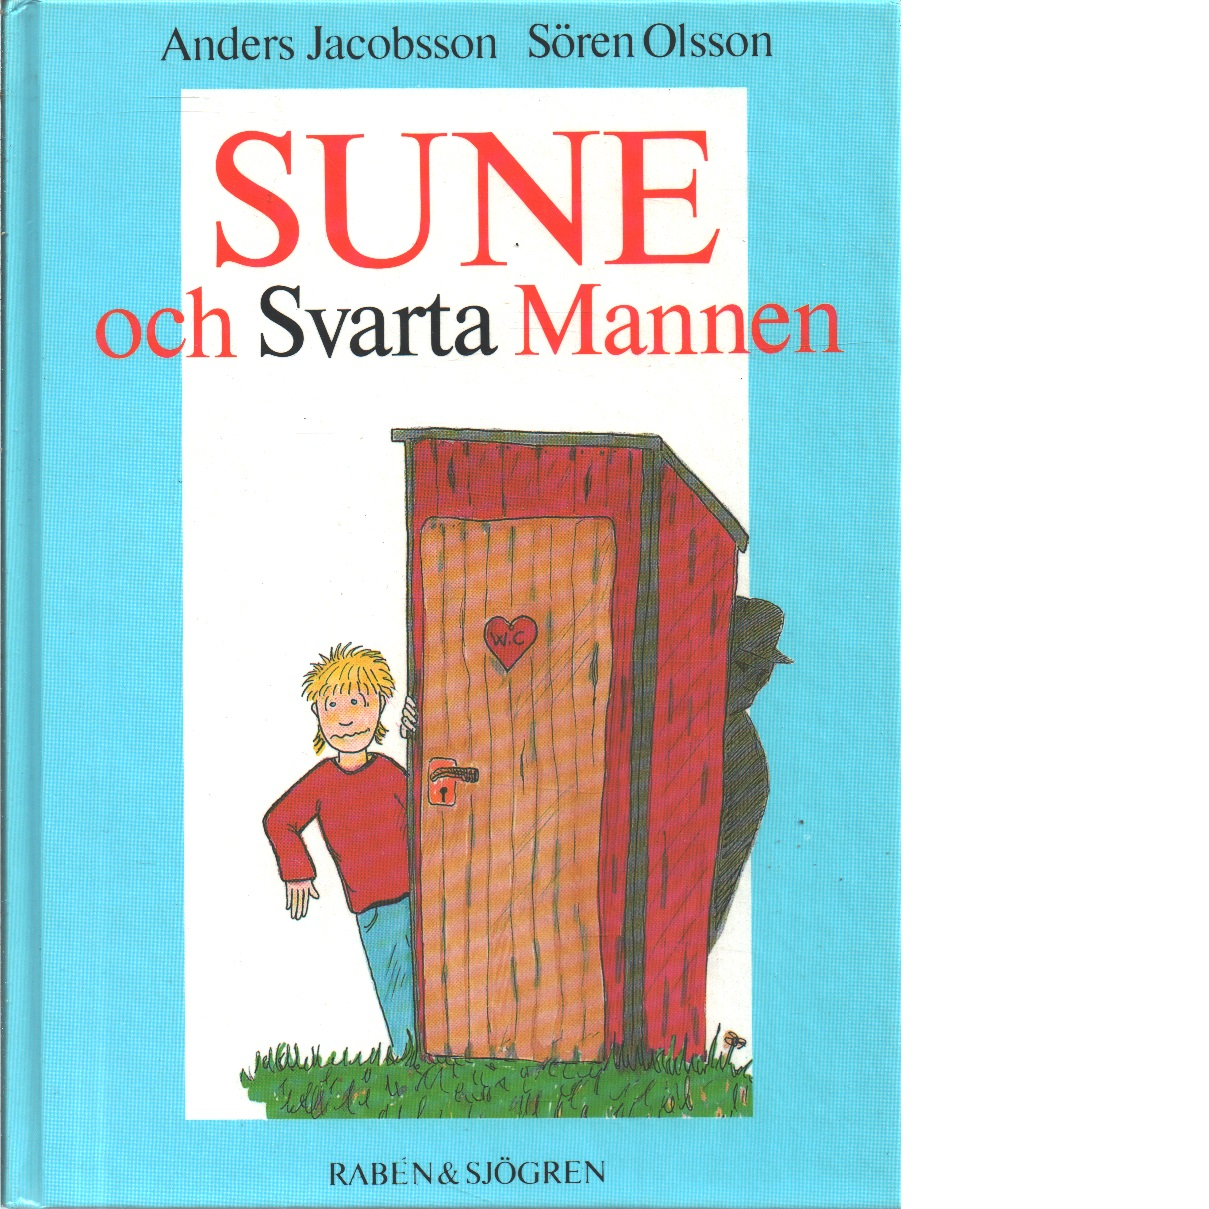 Sune och Svarta mannen - Jacobsson, Anders och Olsson, Sören